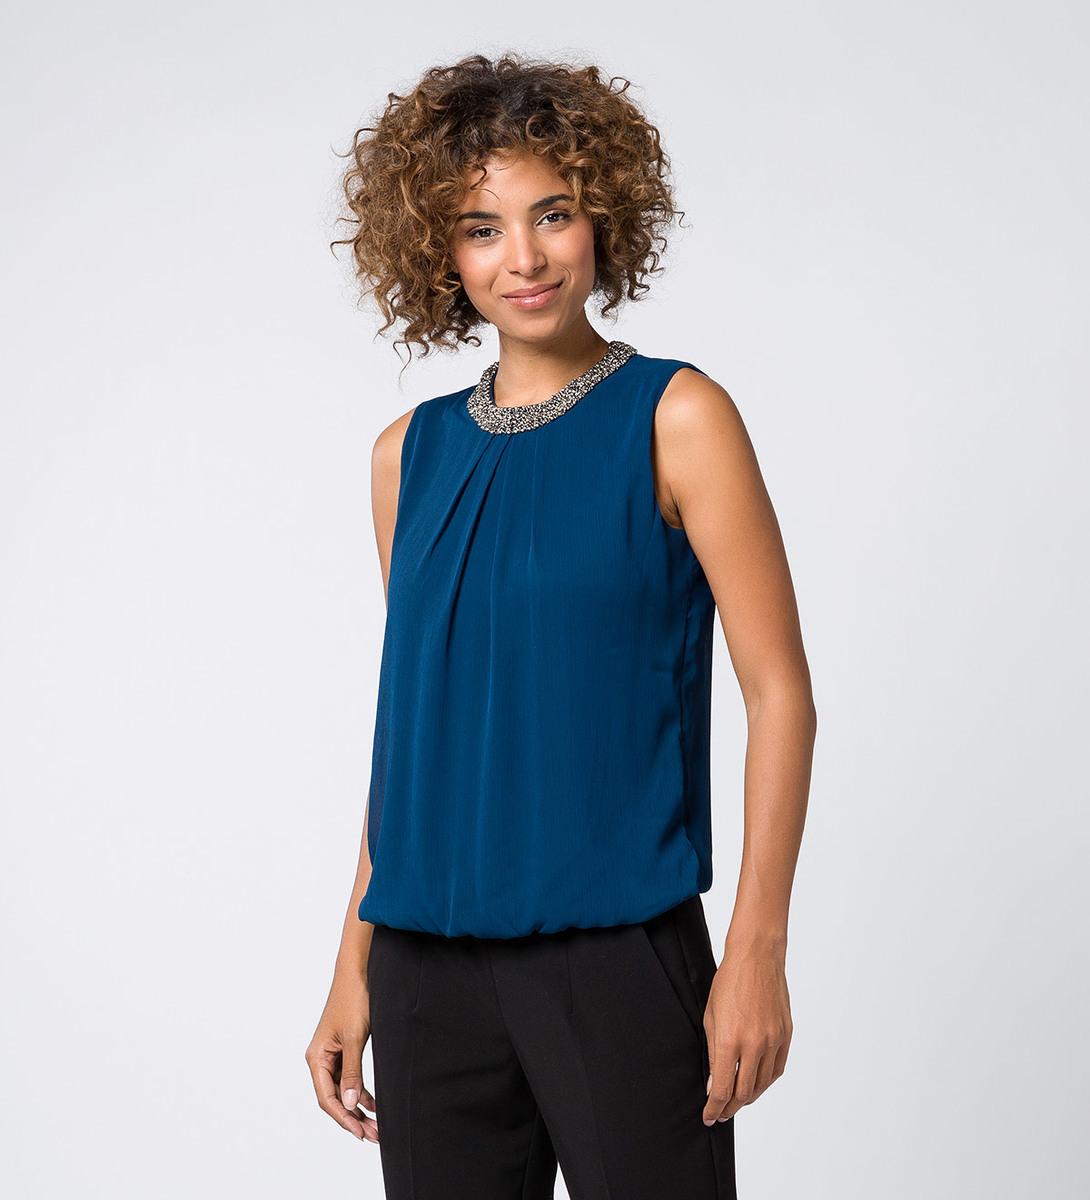 Bluse mit perlenbesticktem Kragen petrol blue